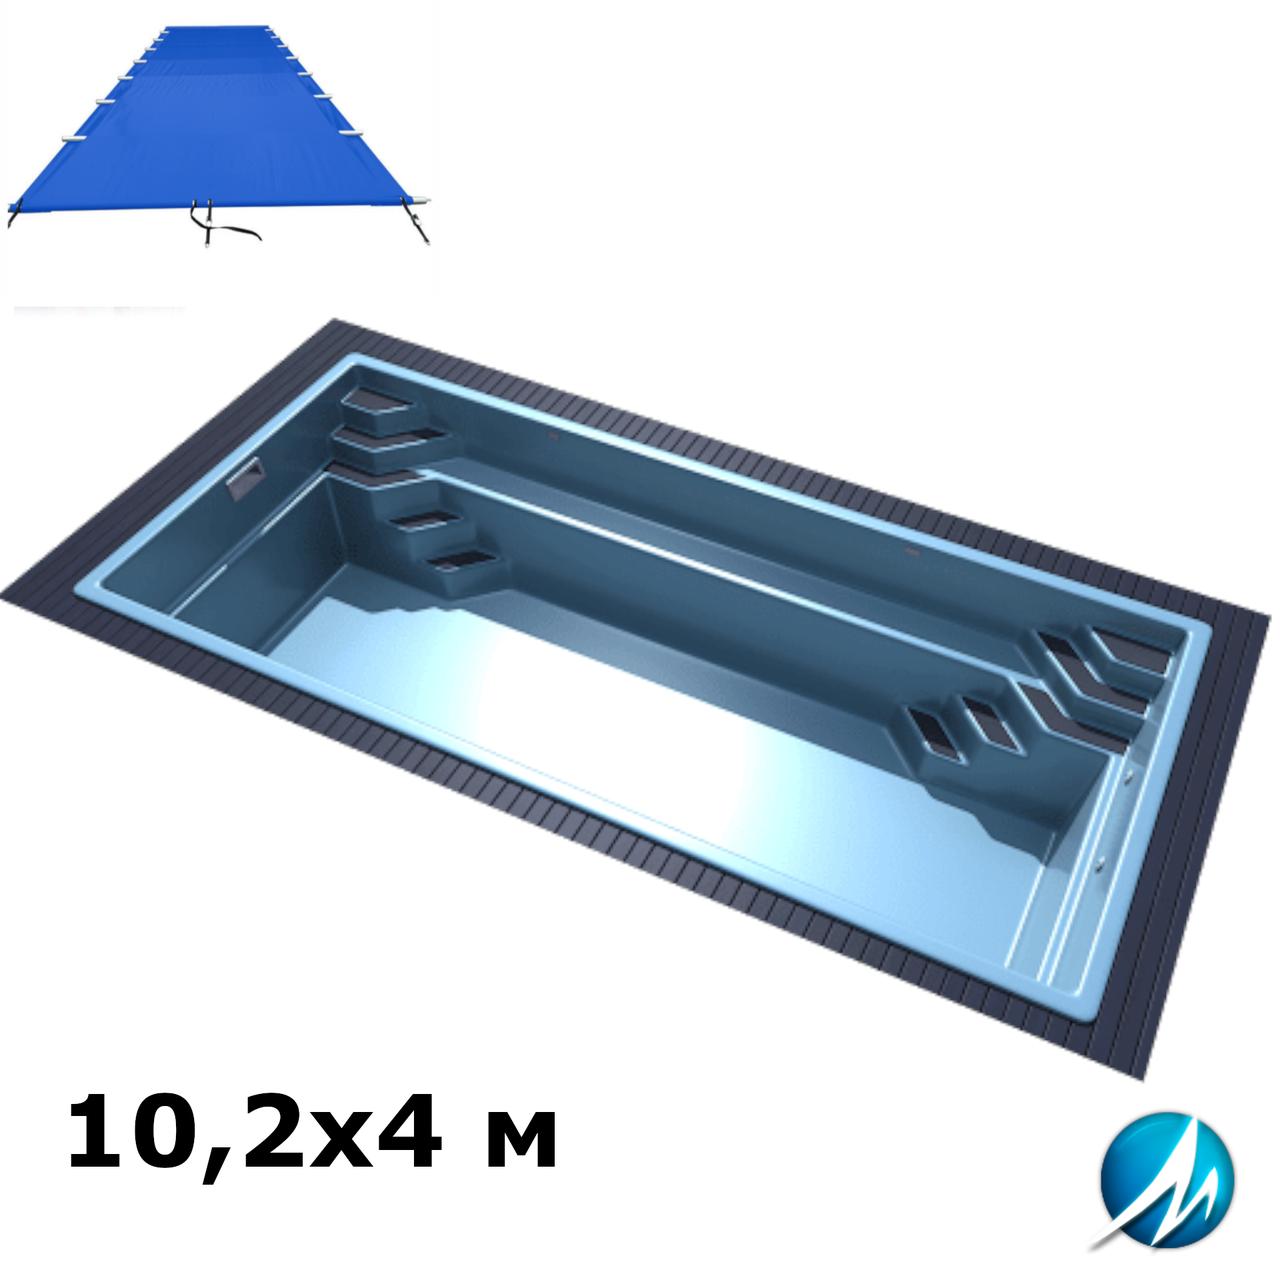 Поливиниловое накрытие для стекловолоконного бассейна 10,2х4 м